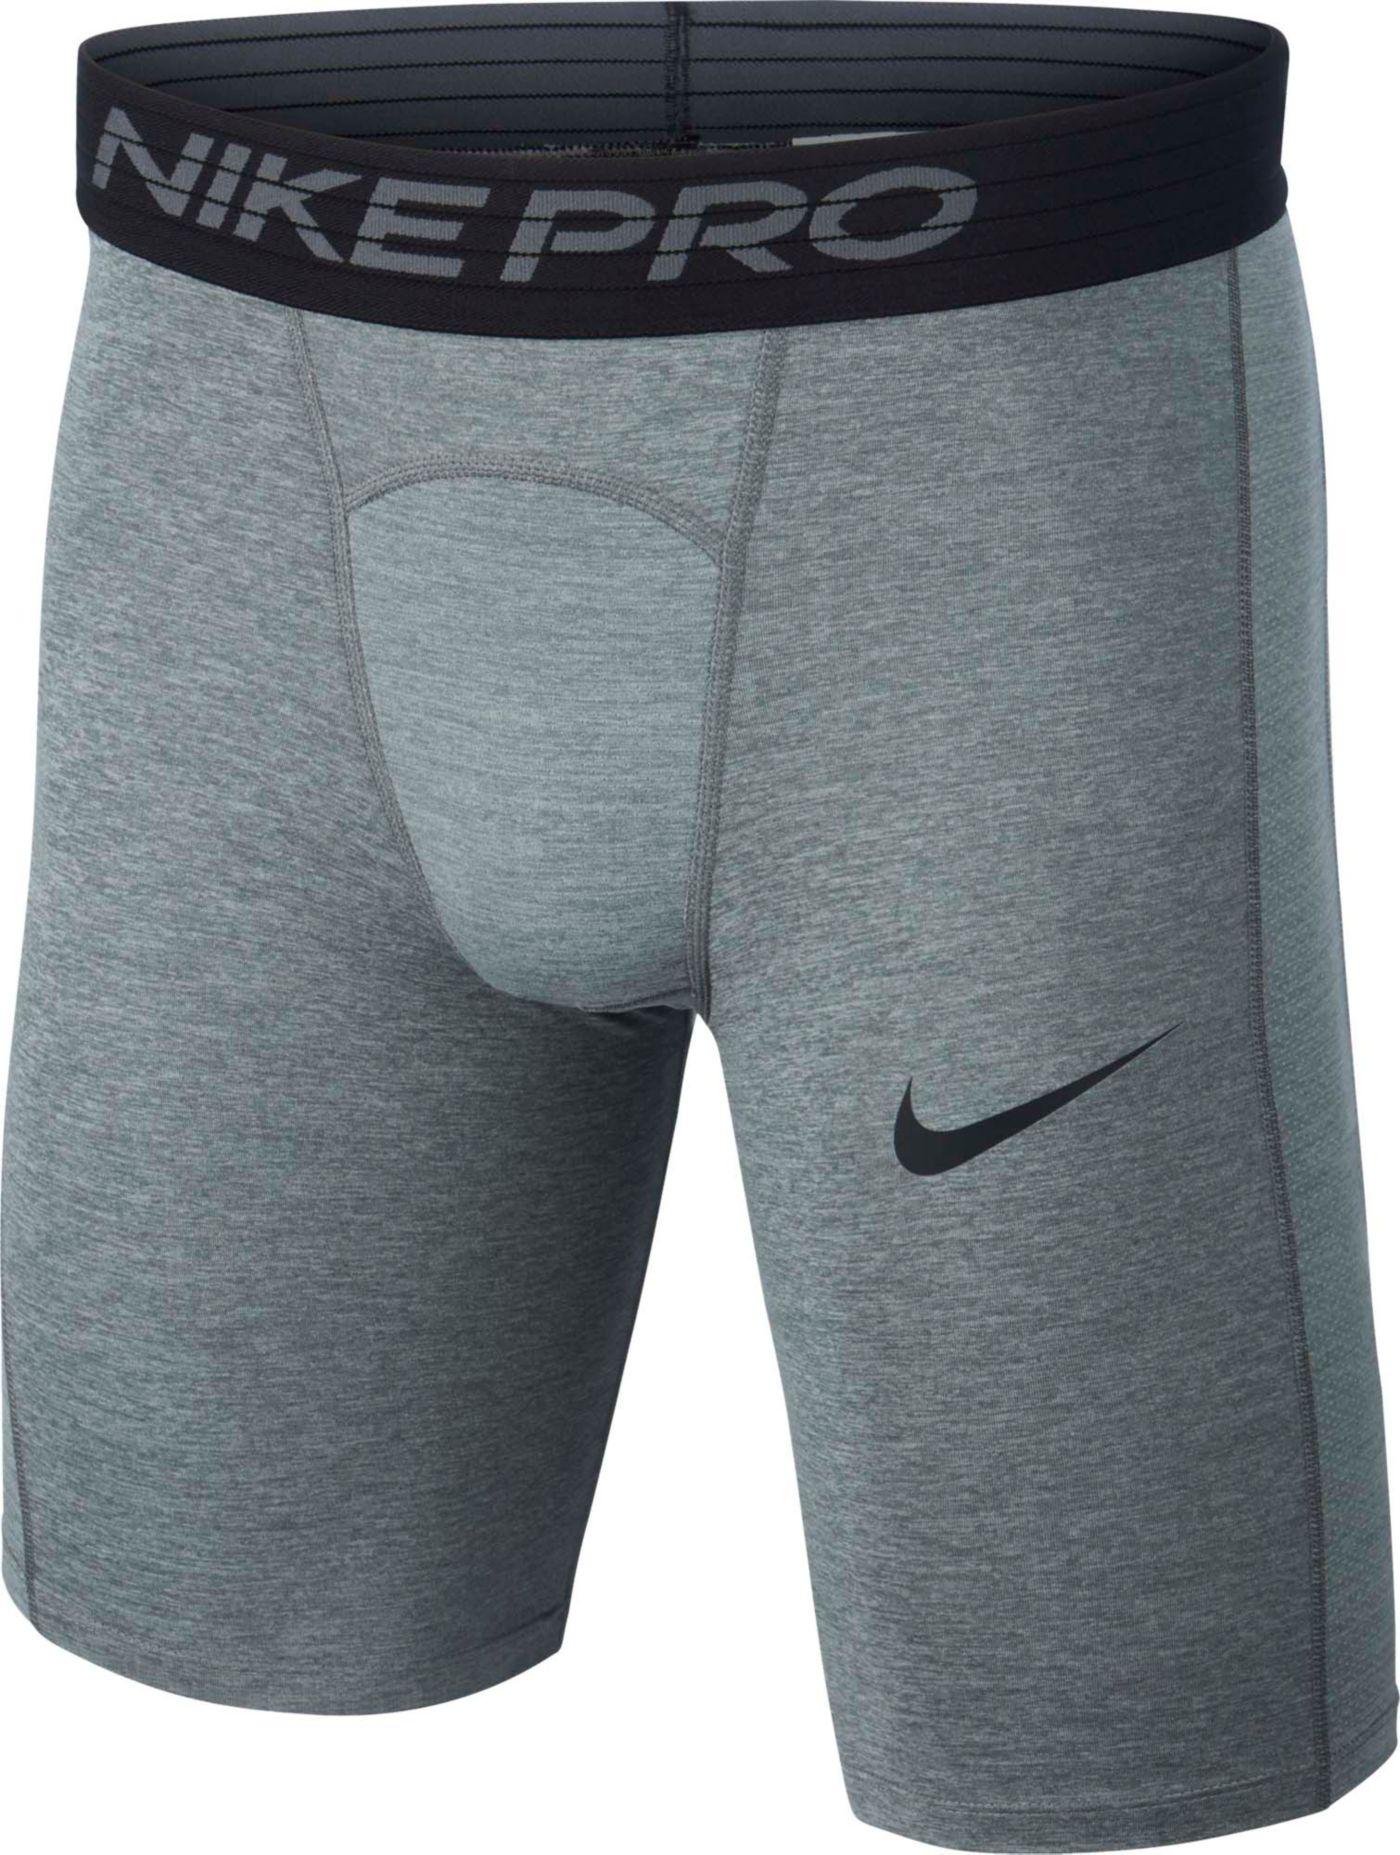 Nike Men's Pro Long Shorts